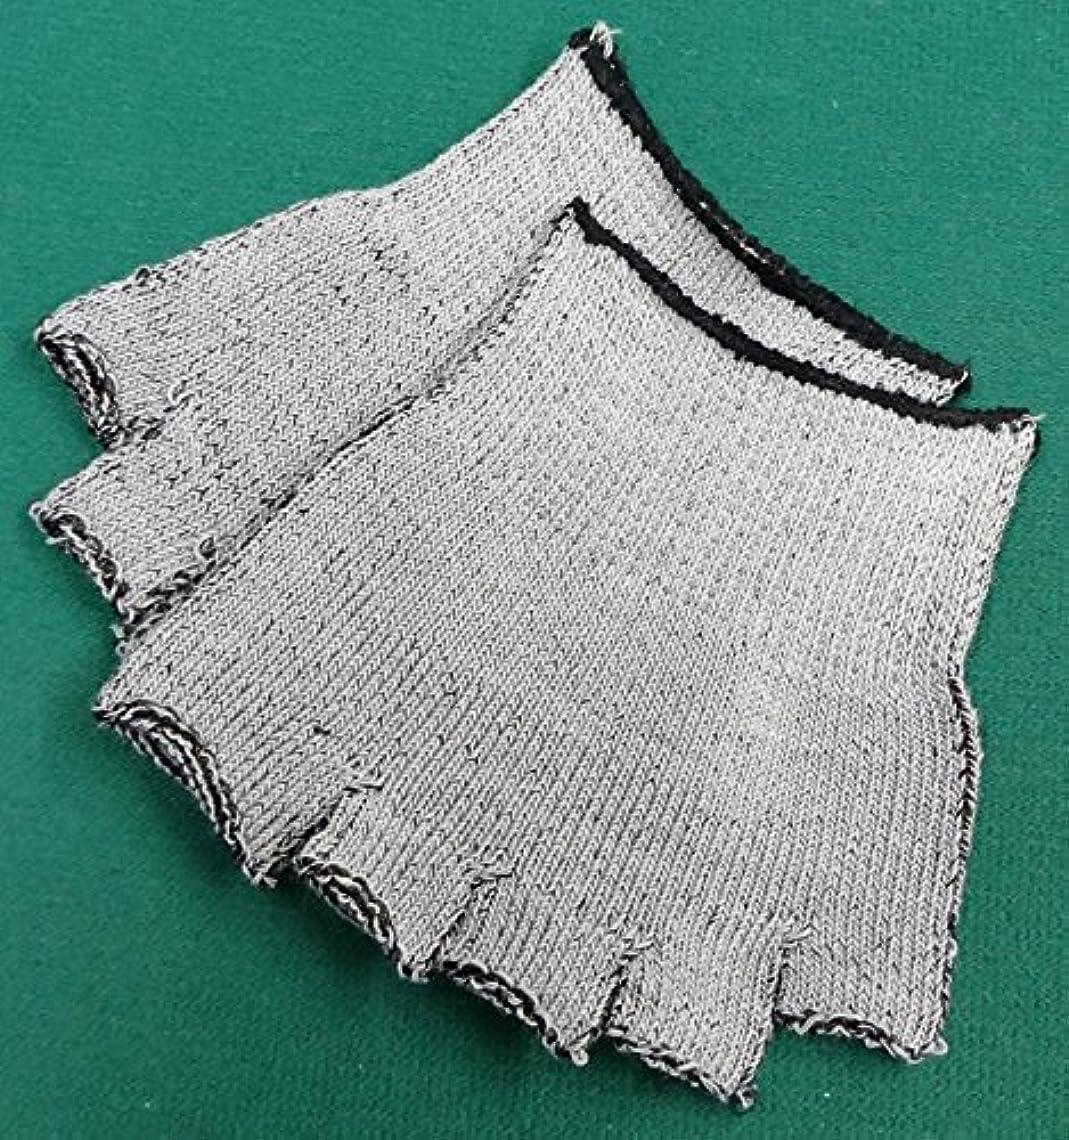 コンペ実験をするブッシュ銅繊維入りハーフソックス (6枚(3足セット))